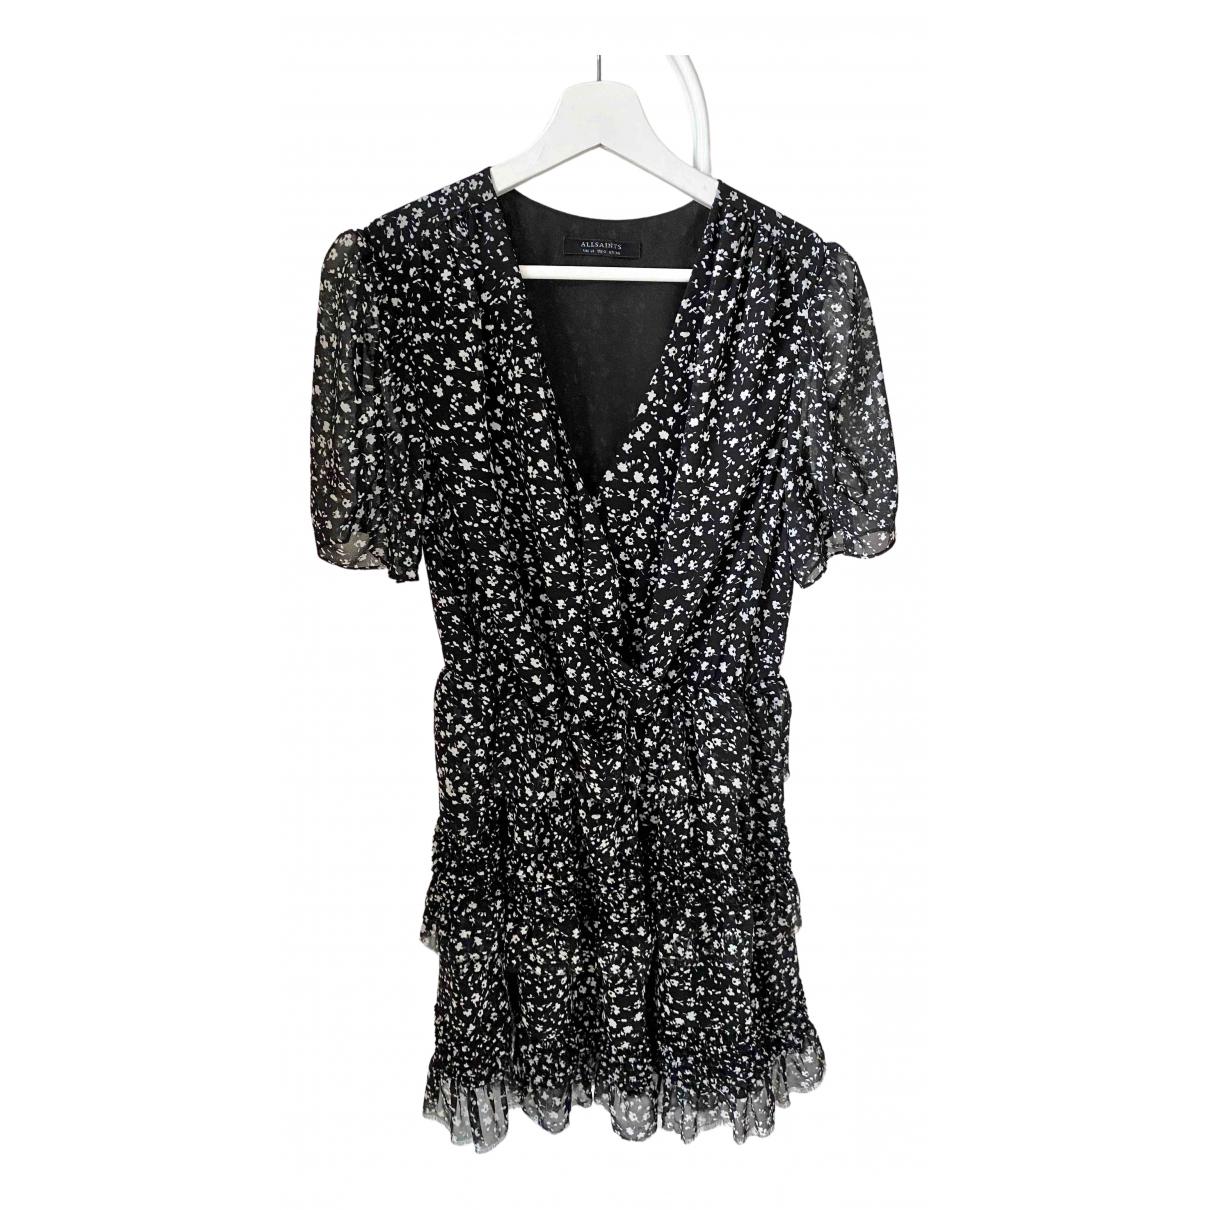 All Saints \N Black dress for Women 10 UK